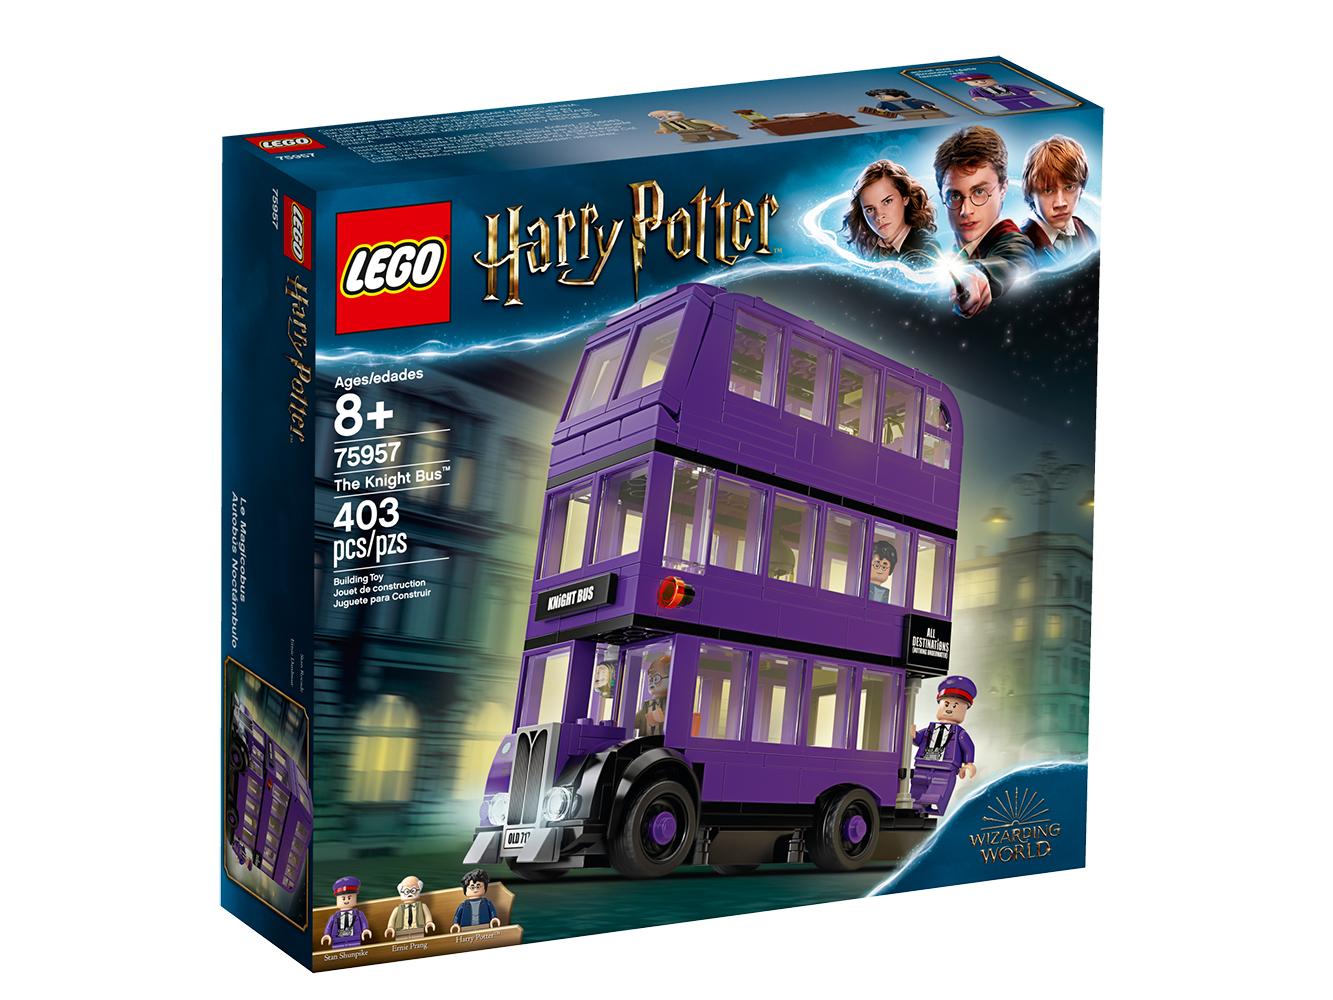 Harry Potter - Le Magicobus